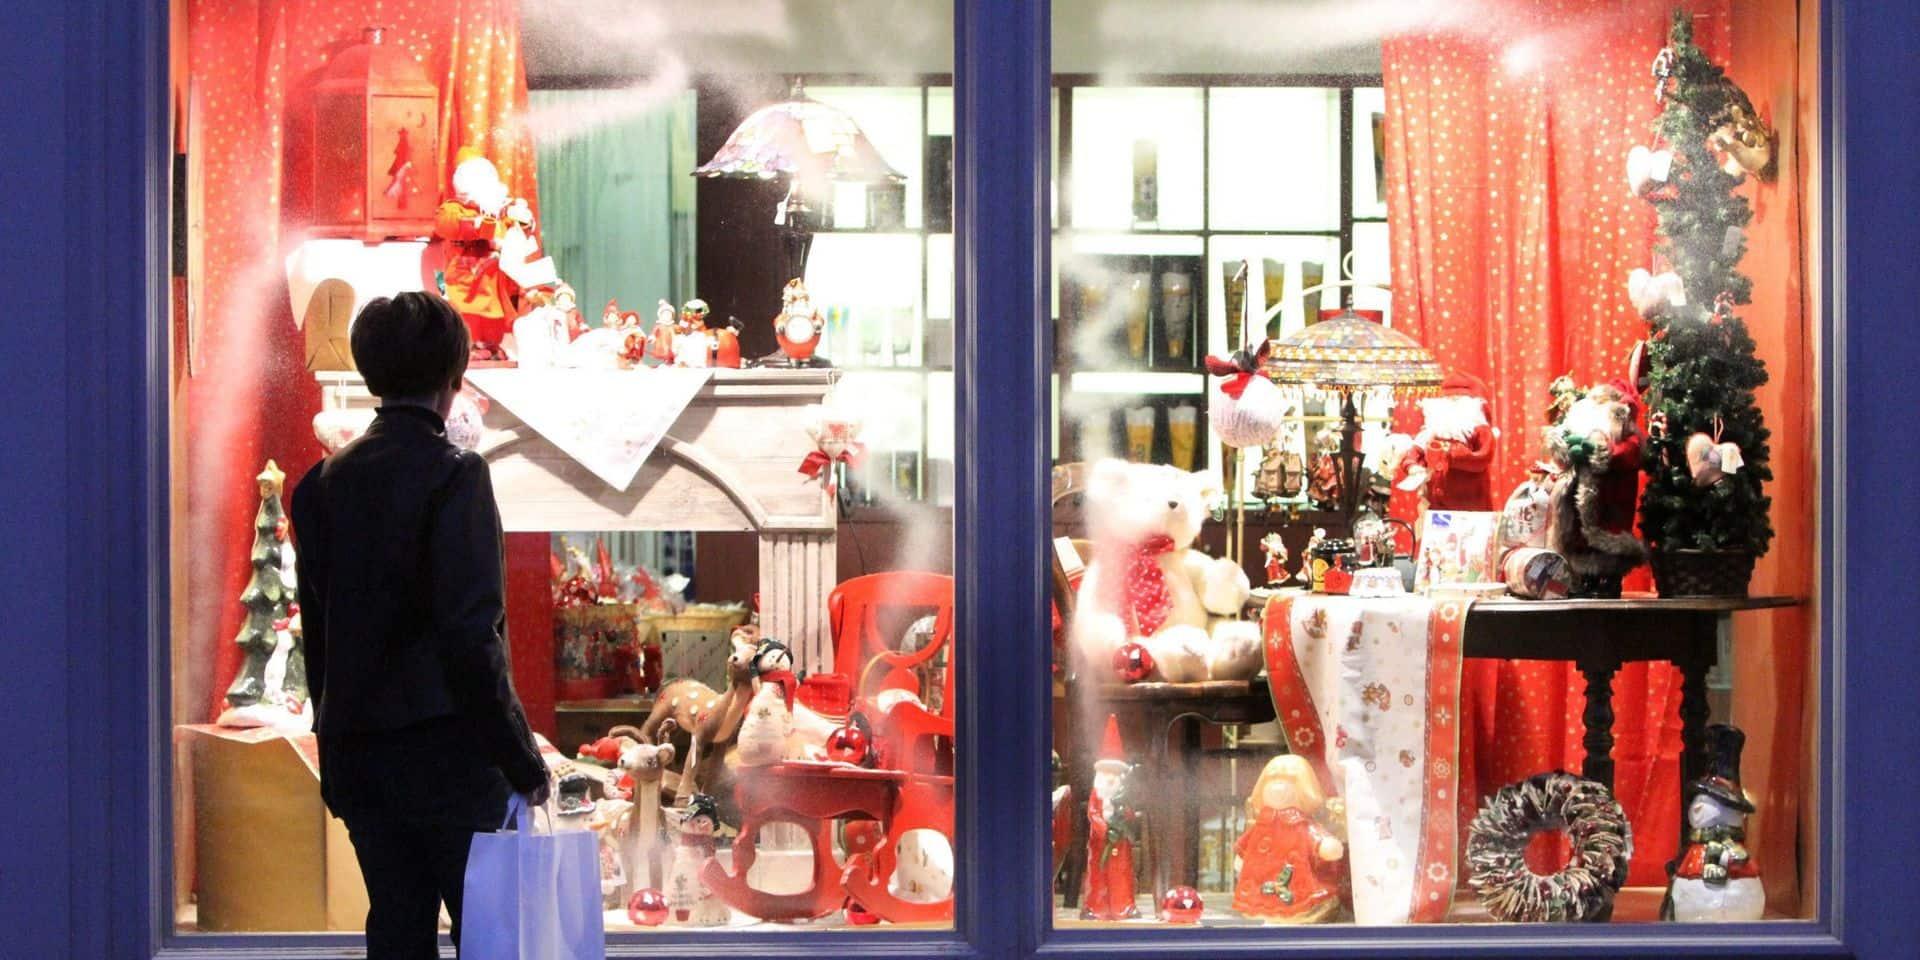 La Louvière: les vitrines des commerces décorées pour Noël